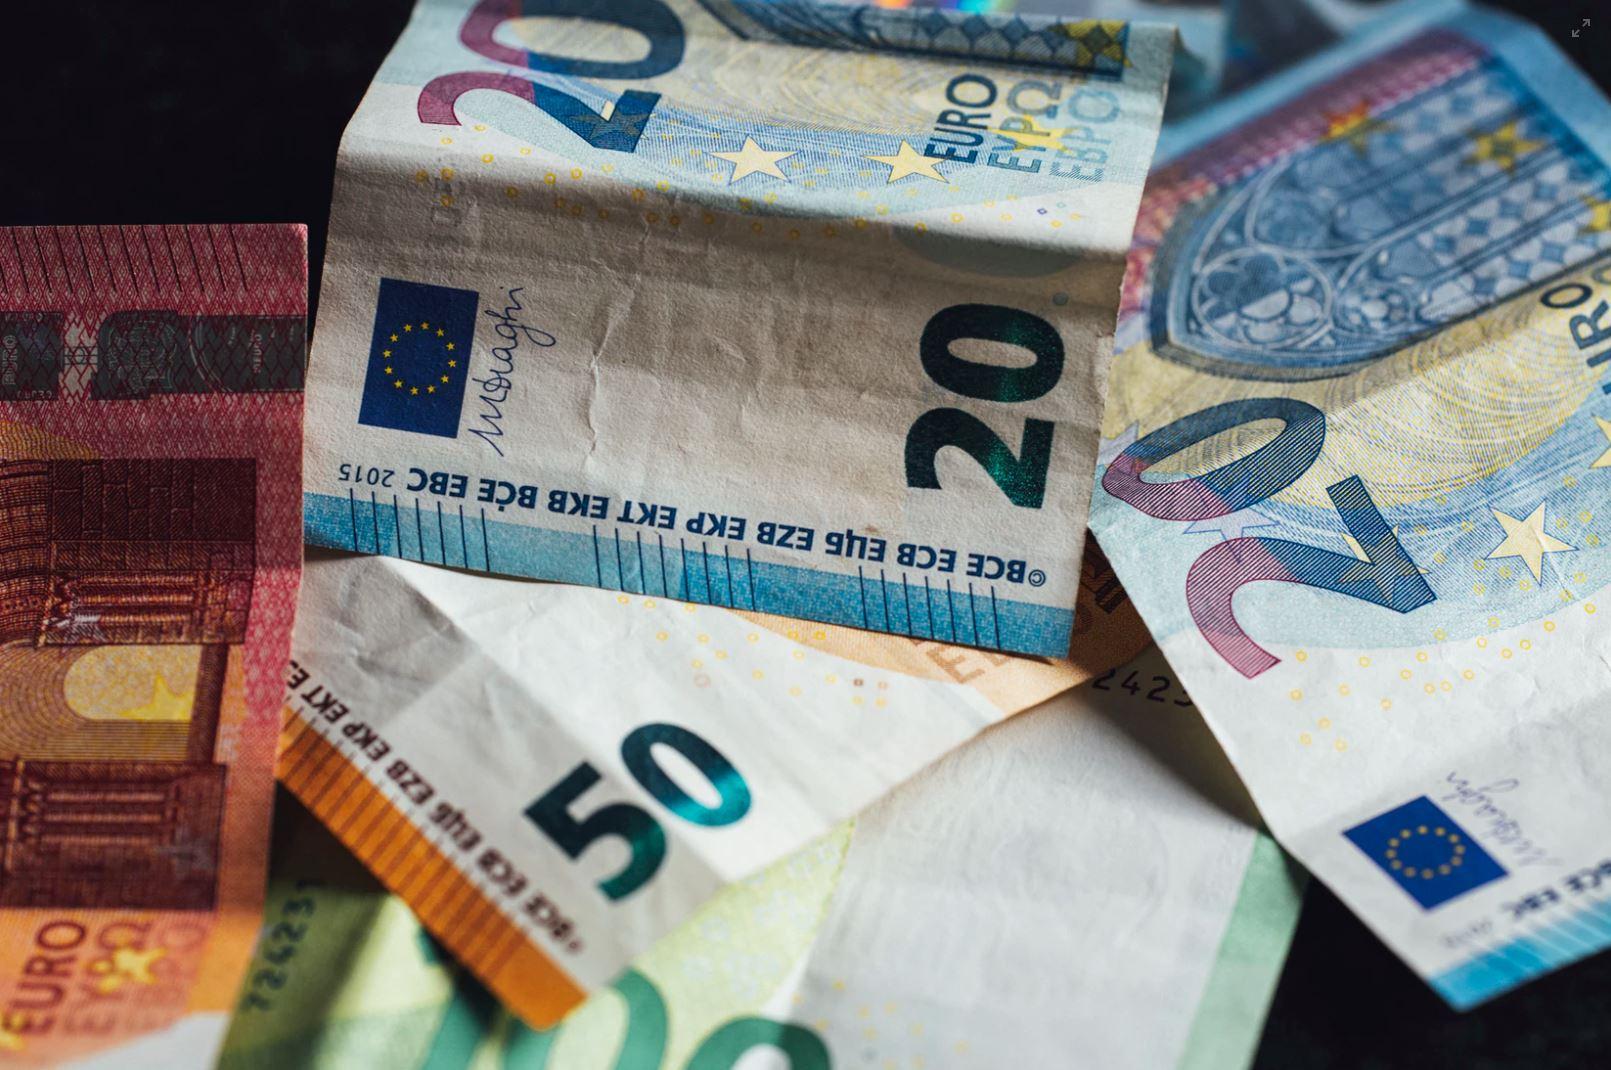 Bargeld: EU will Barzahlungen begrenzen